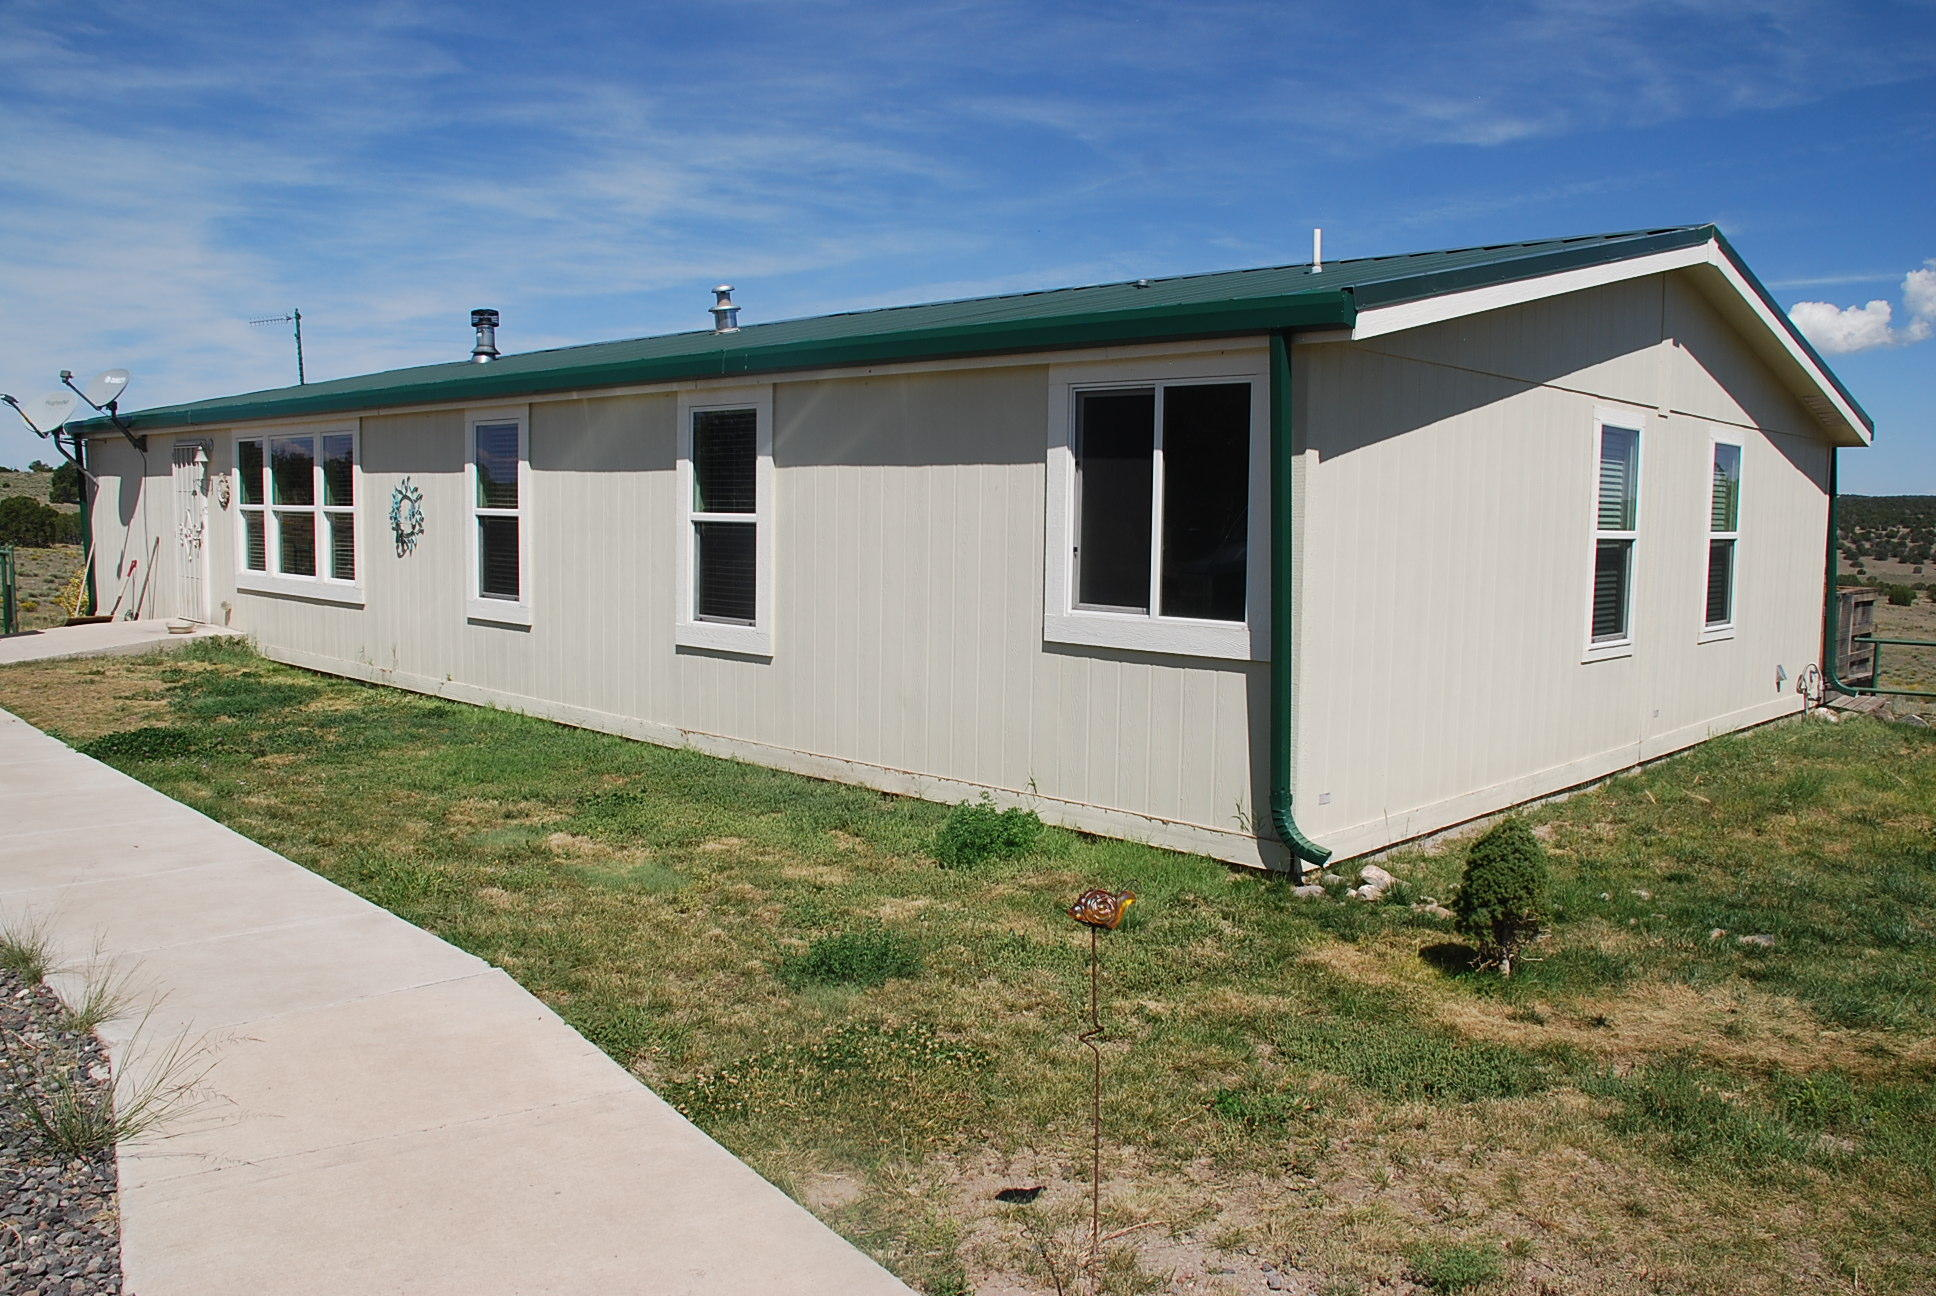 146 Bridal Path, Quemado, NM 87829 - Quemado, NM real estate listing